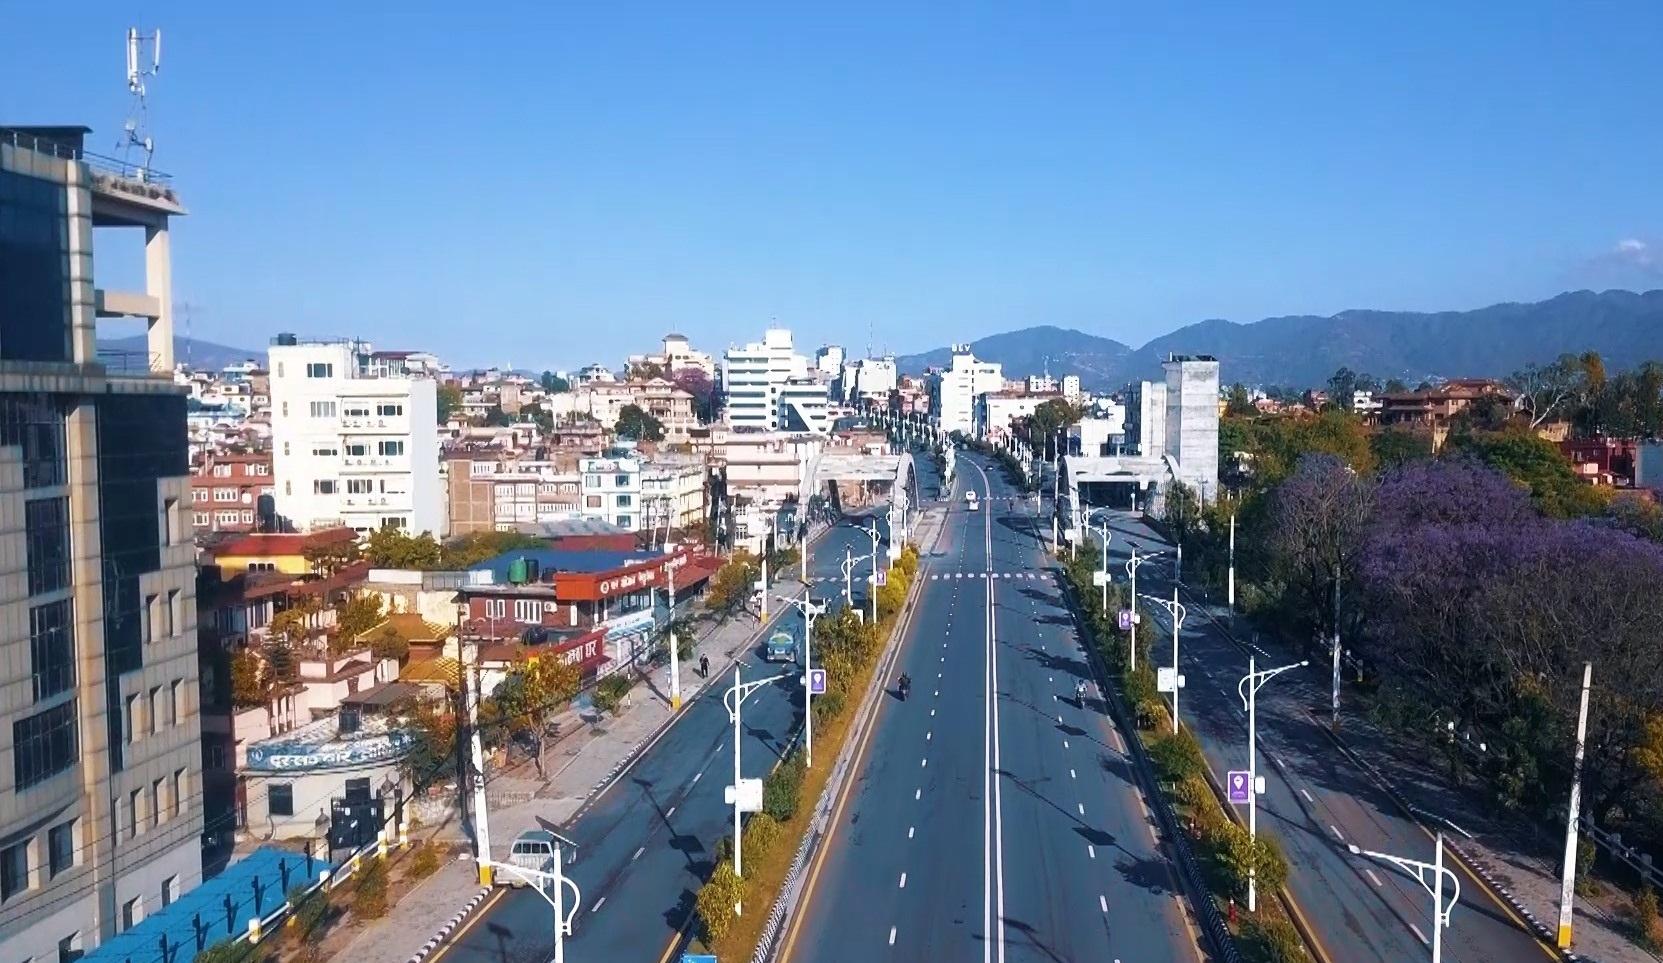 काठमाडौं उपत्यकामा लकडाउन १५ दिन थप्ने